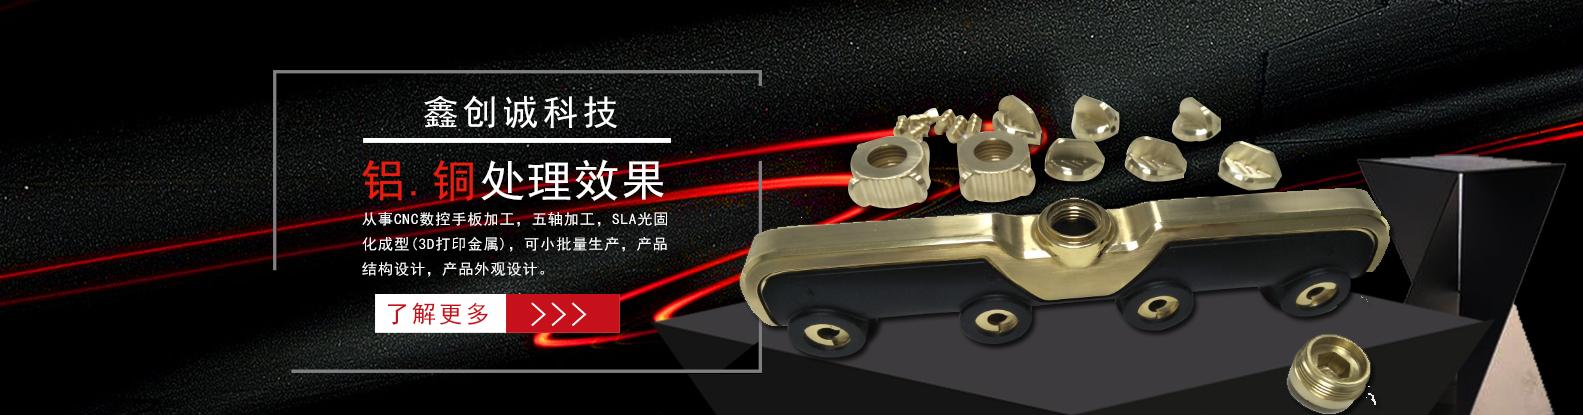 厦门鑫创诚科技有限公司